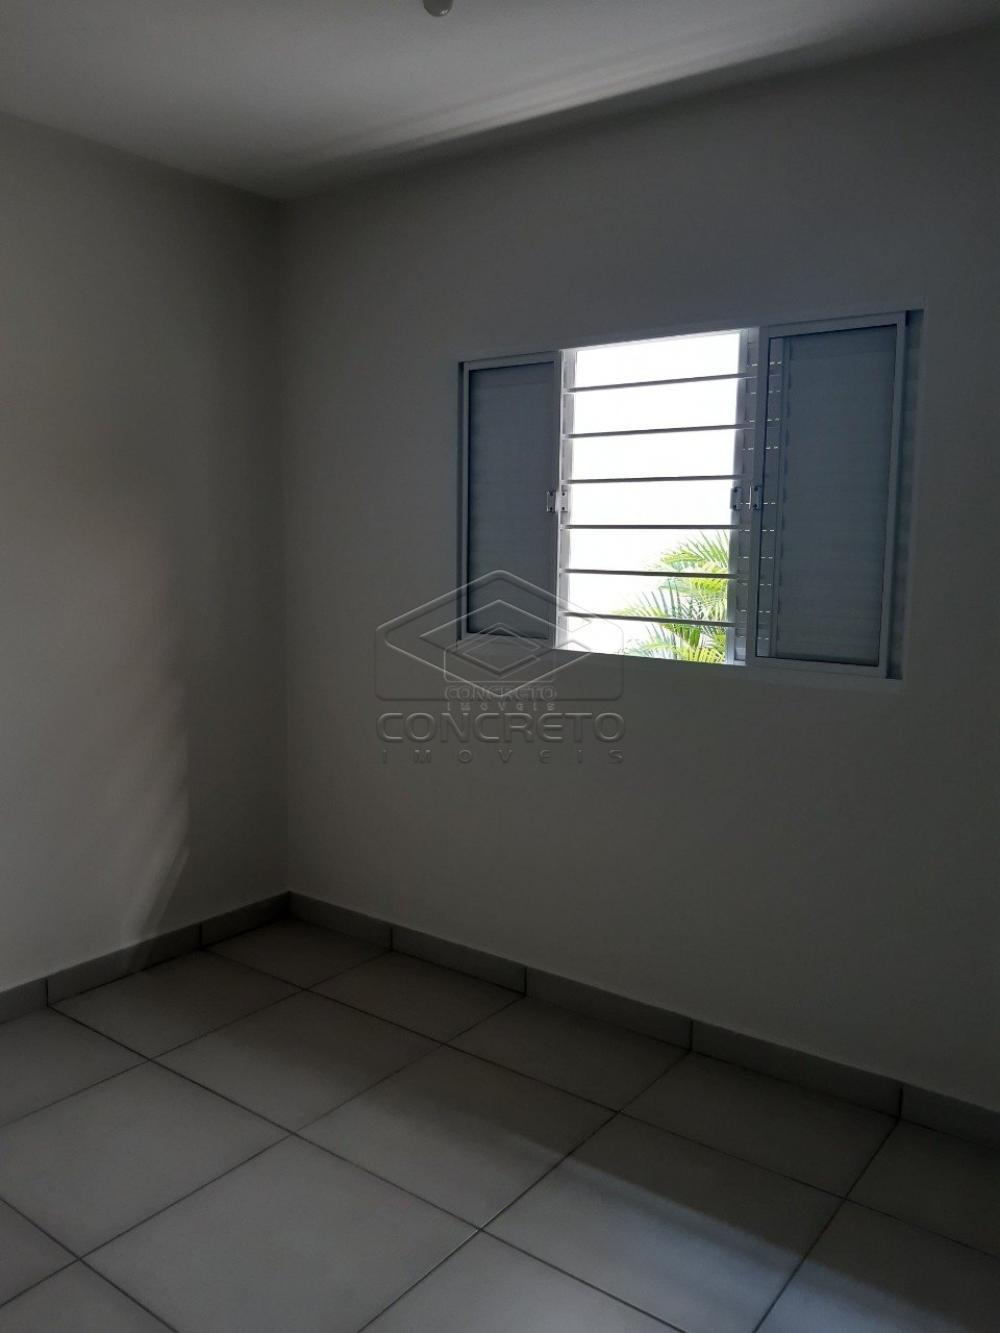 Comprar Casa / Padrão em Bauru apenas R$ 199.000,00 - Foto 7